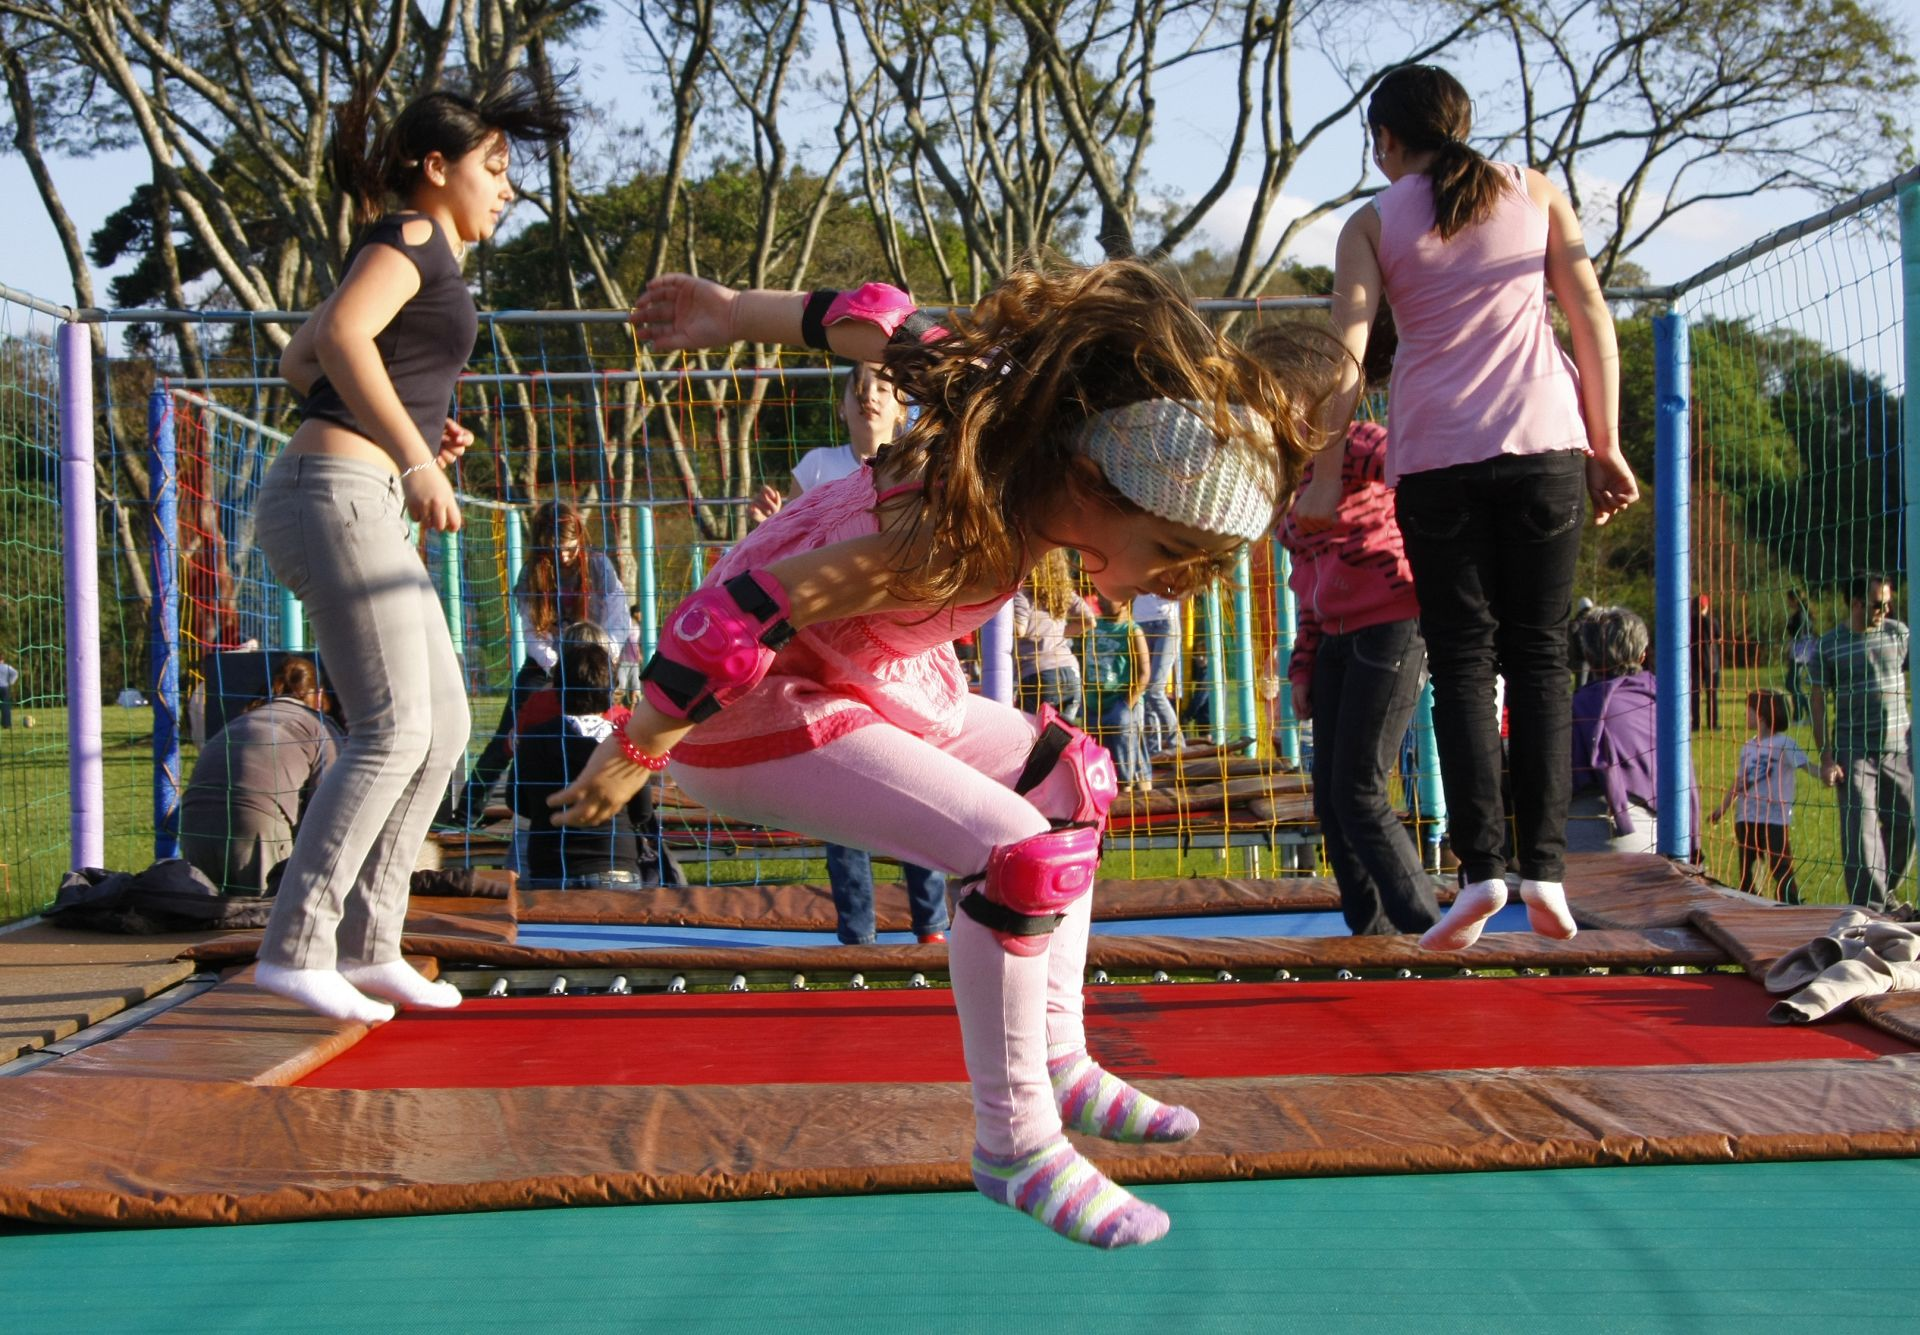 Além de se exercitarem, brincar ajuda no desenvolvimento social, emotivo e cognitivo das crianças (Foto: Hugo Harada/ Agência de Notícias Gazeta do Povo)